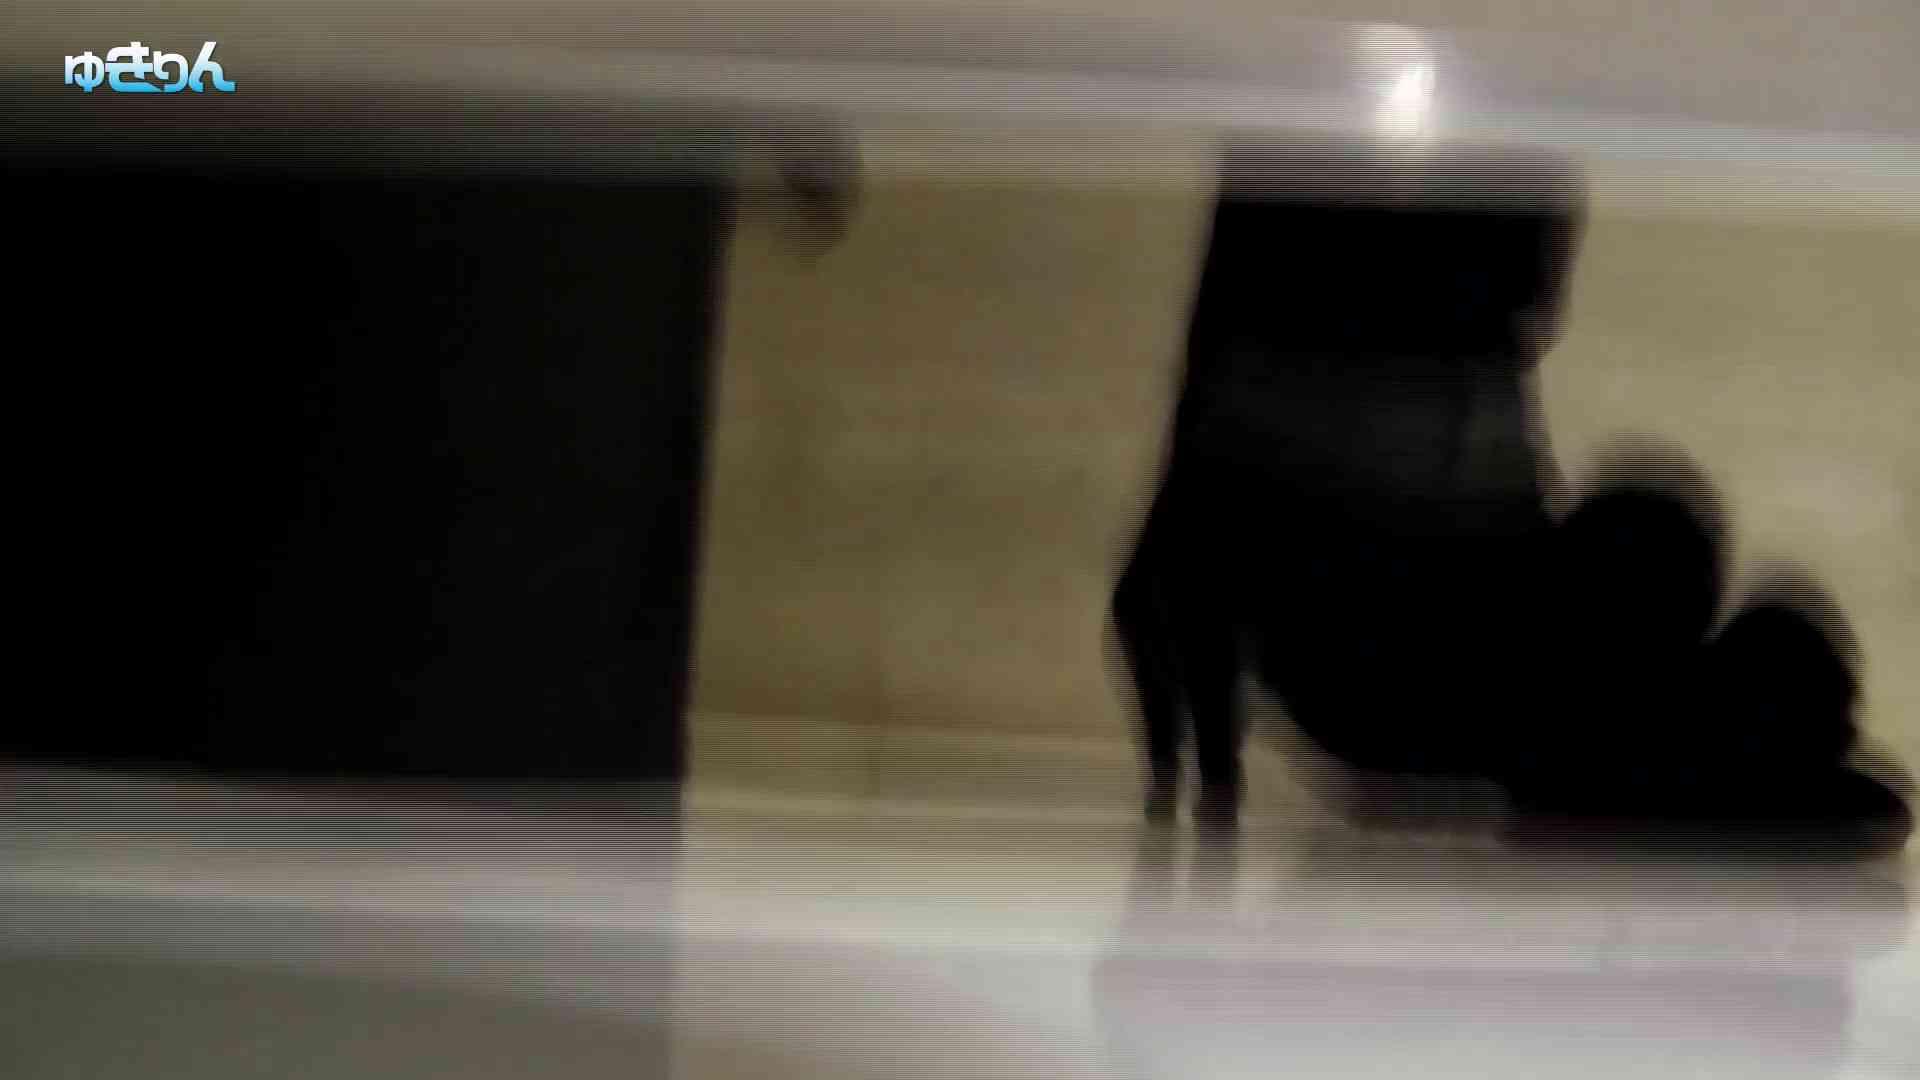 エッチ 熟女|新世界の射窓 No82 新たな場所への挑戦、思わぬ、美女が隣に入ってくれた。|怪盗ジョーカー